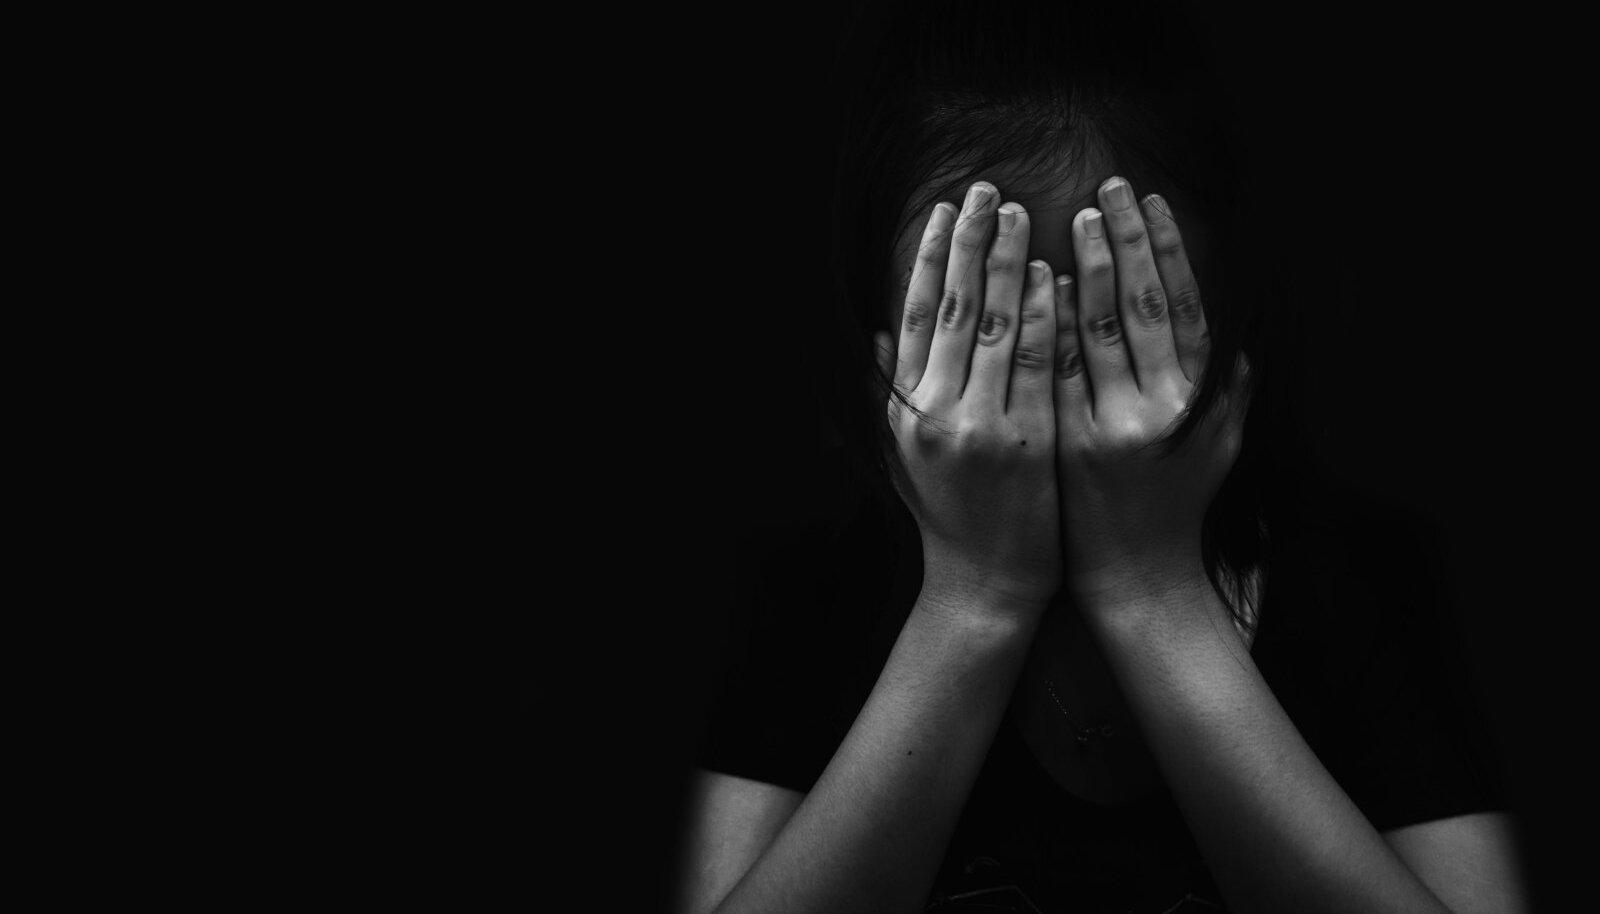 Eesti noored kannatavad depressiooni ja ärevuse käes